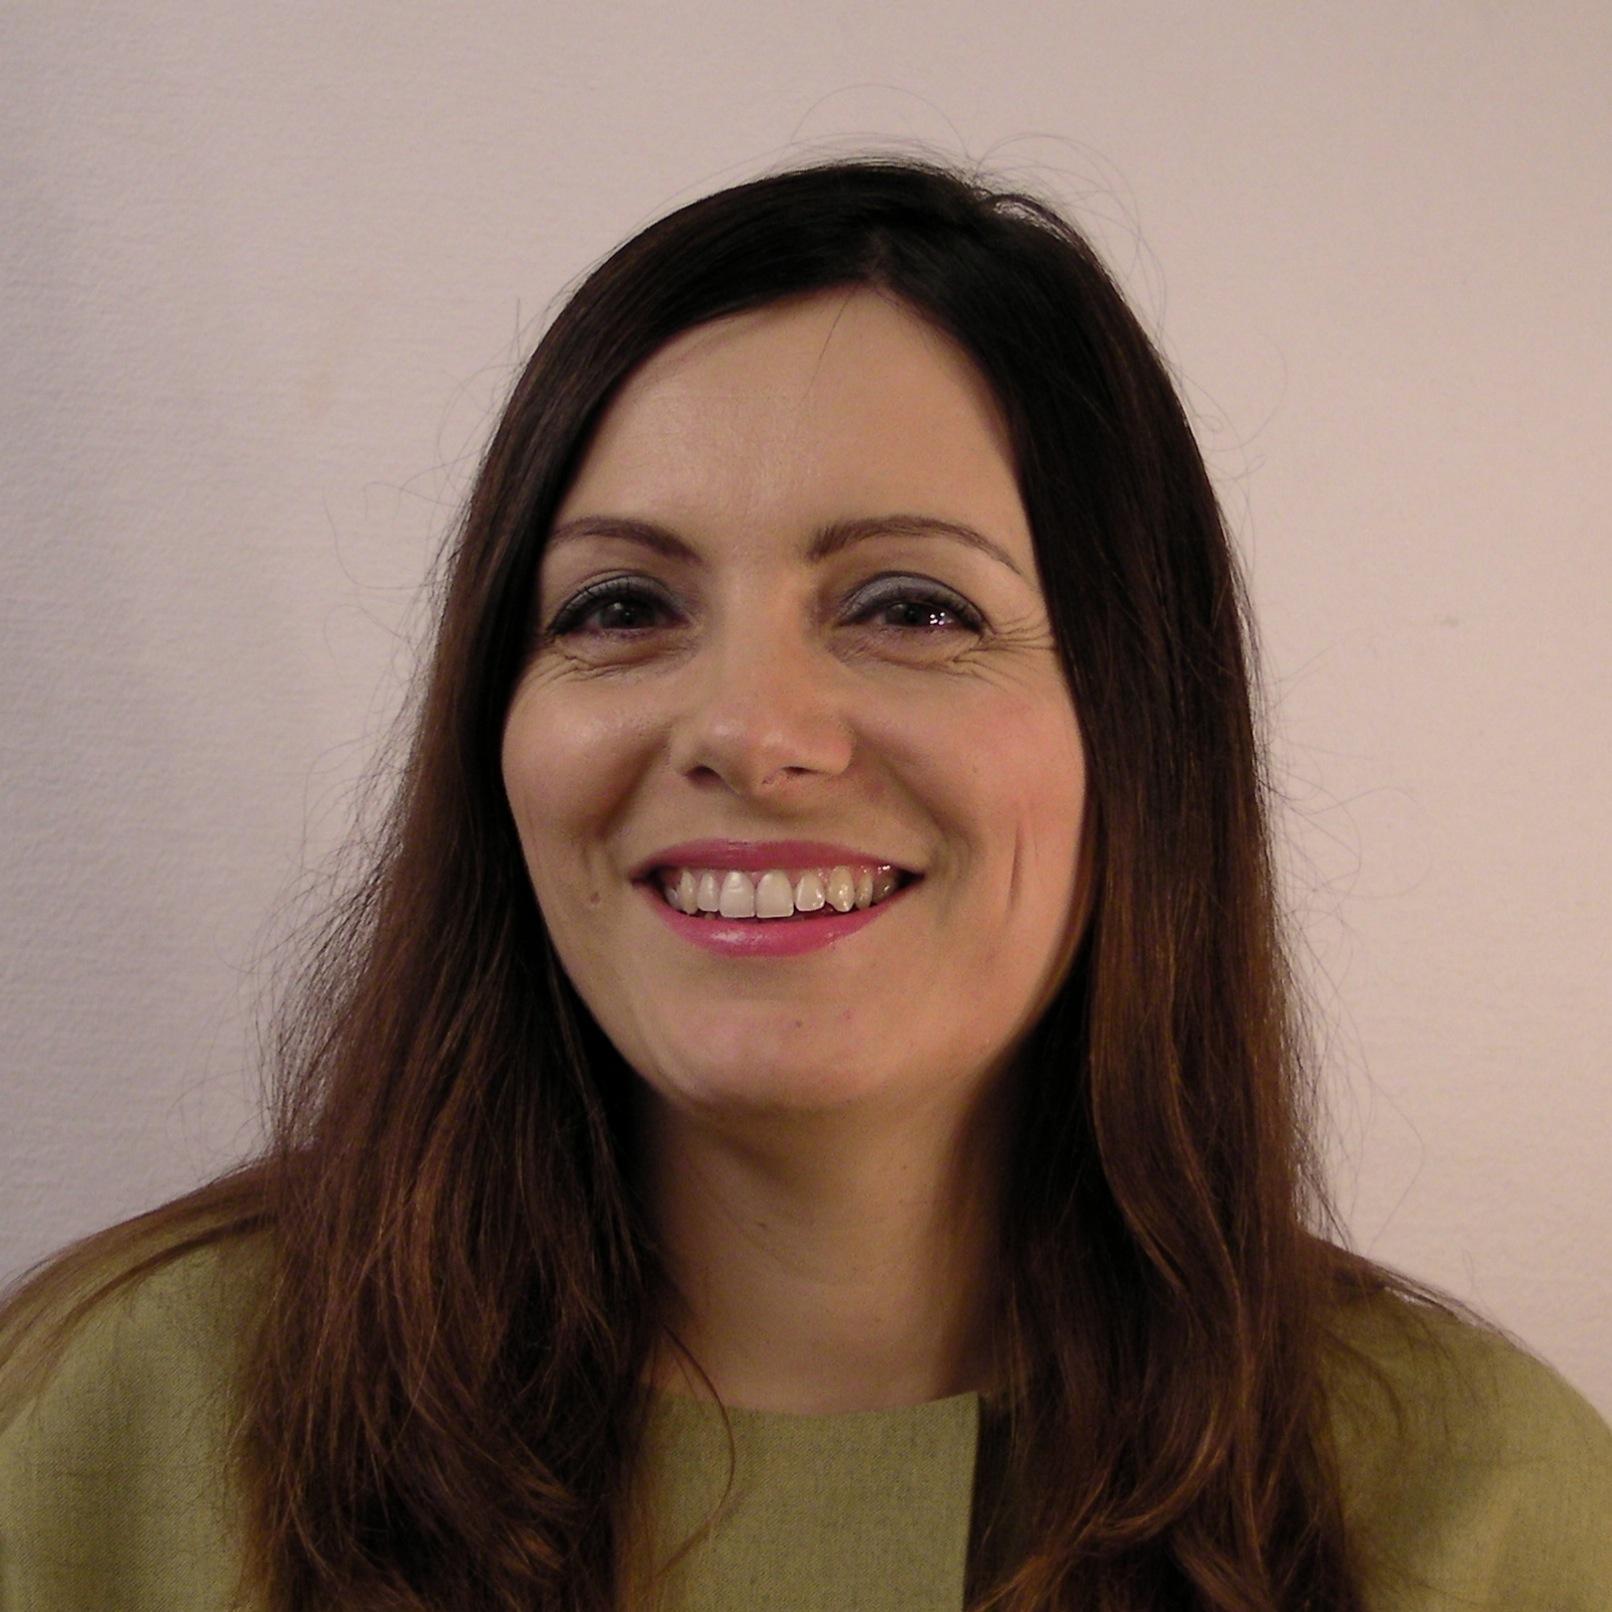 Alisa Andrasek